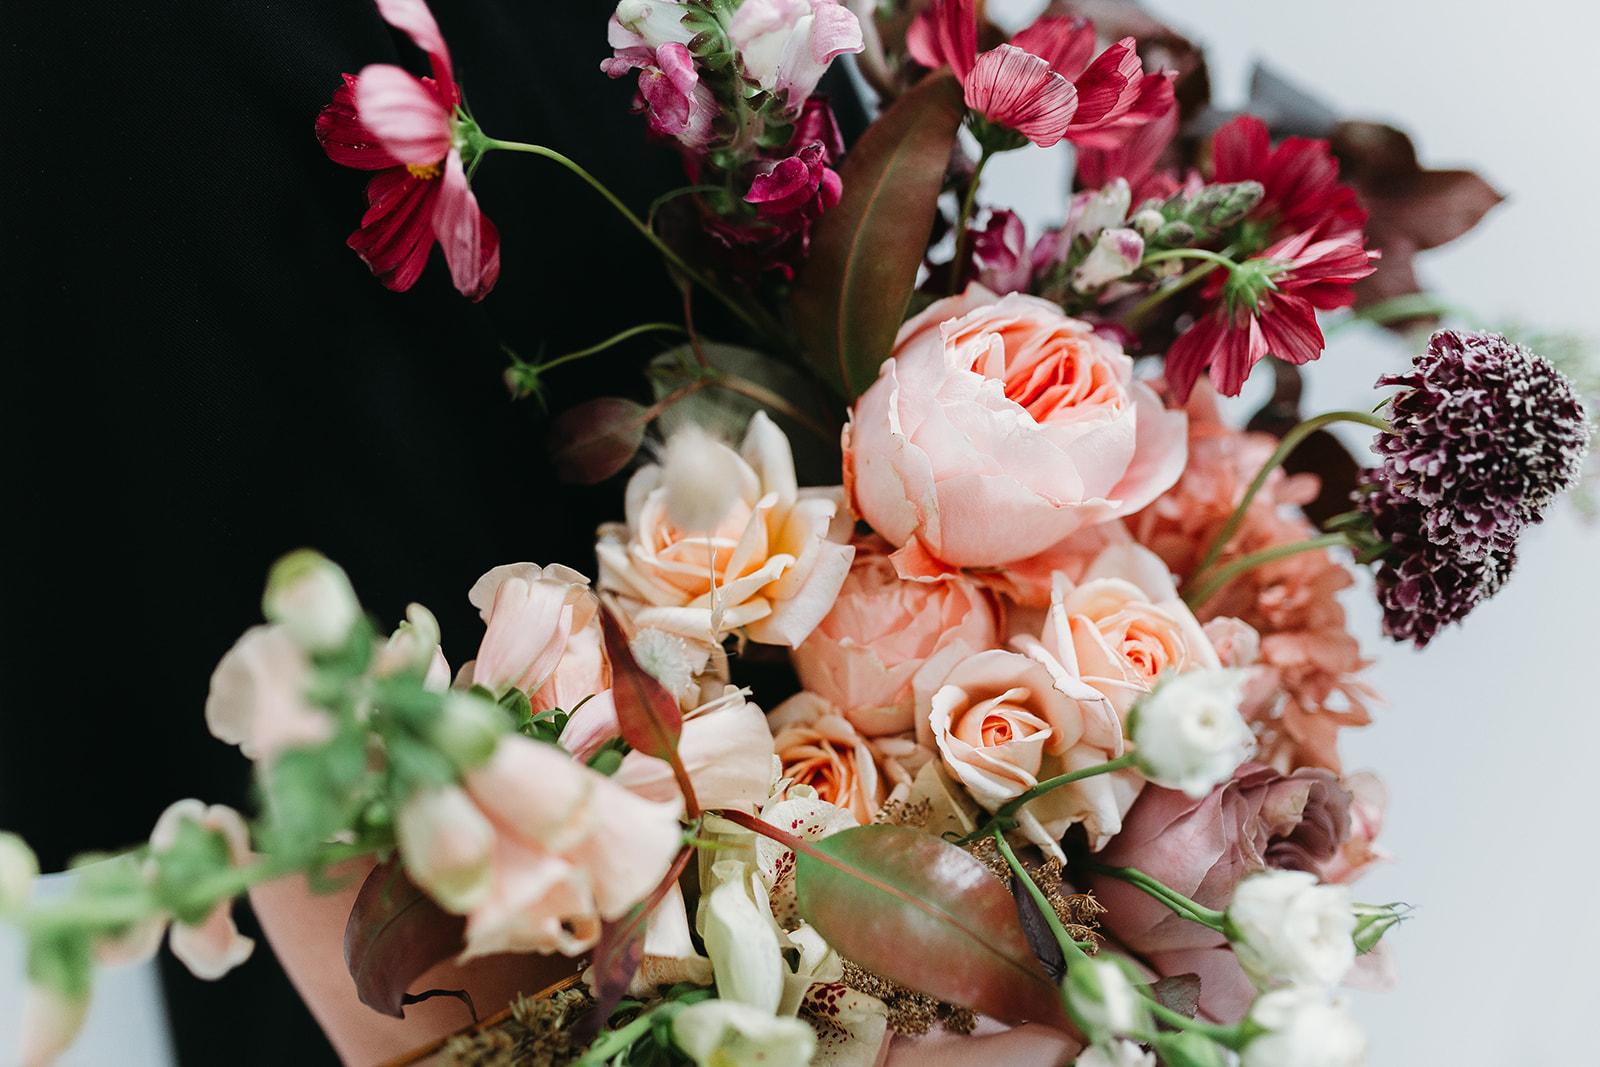 flower arranging courses 22